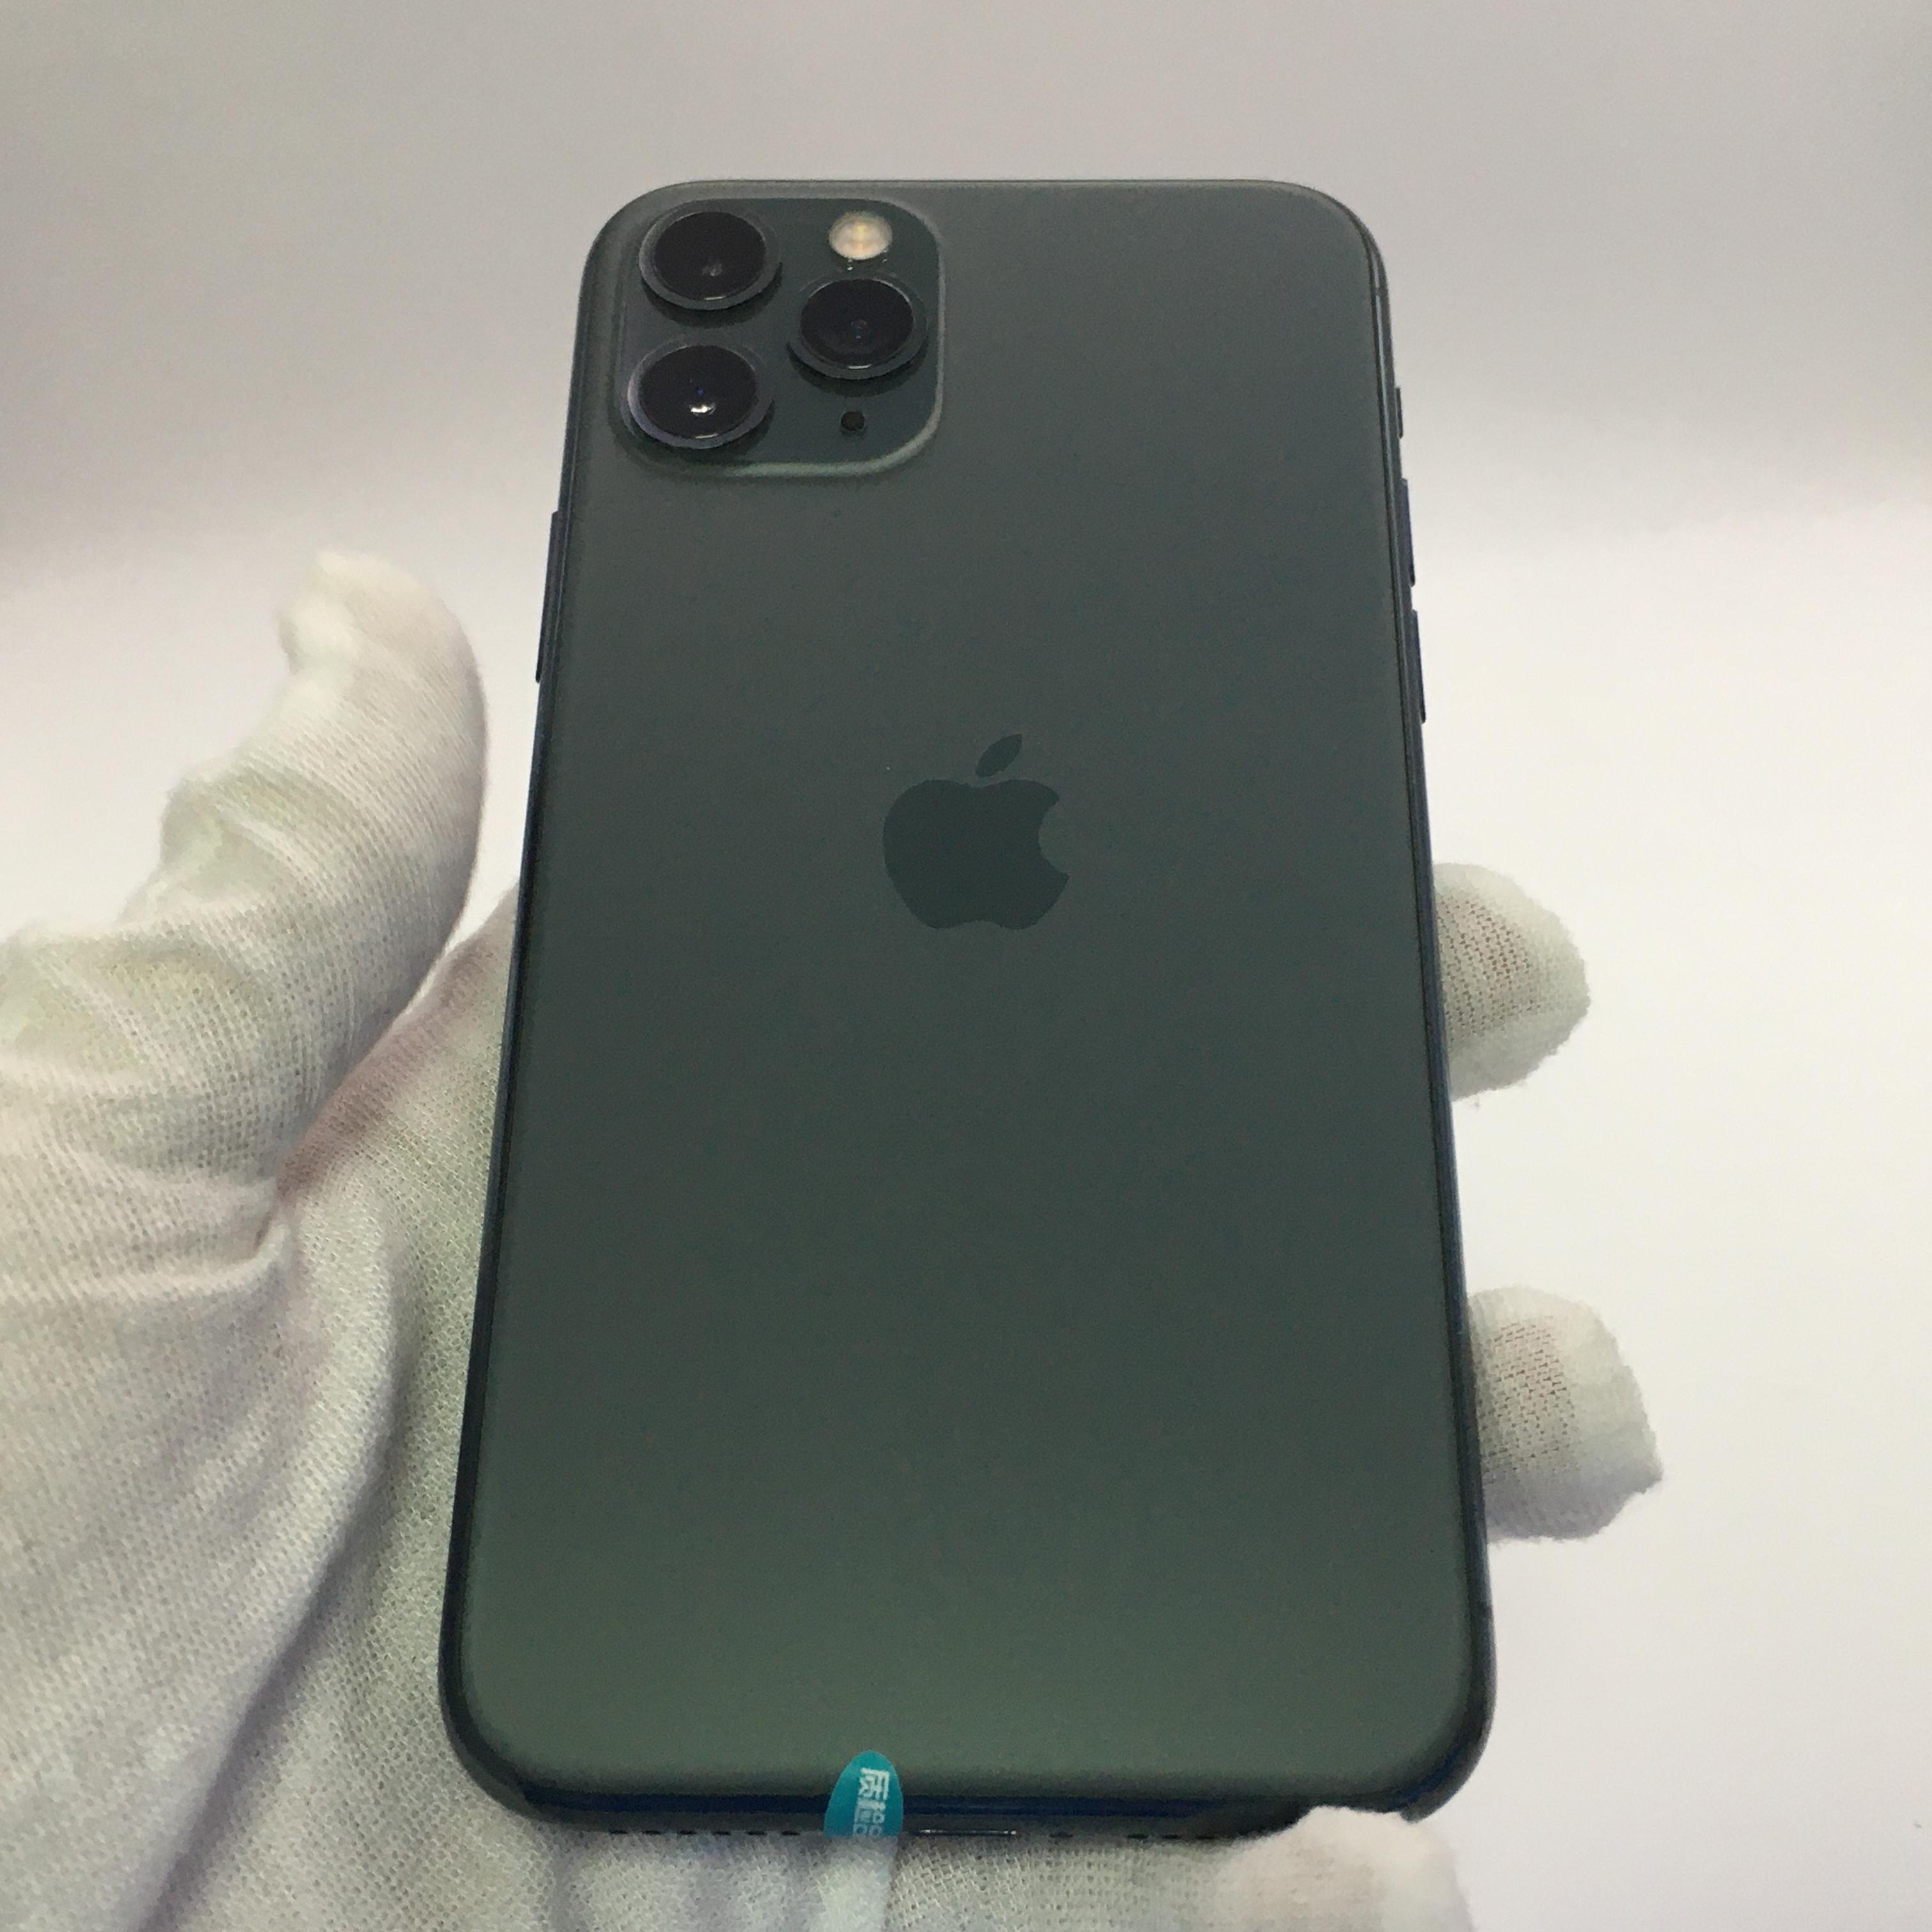 苹果【iPhone 11 Pro】4G全网通 暗夜绿色 256G 国行 8成新 256G真机实拍